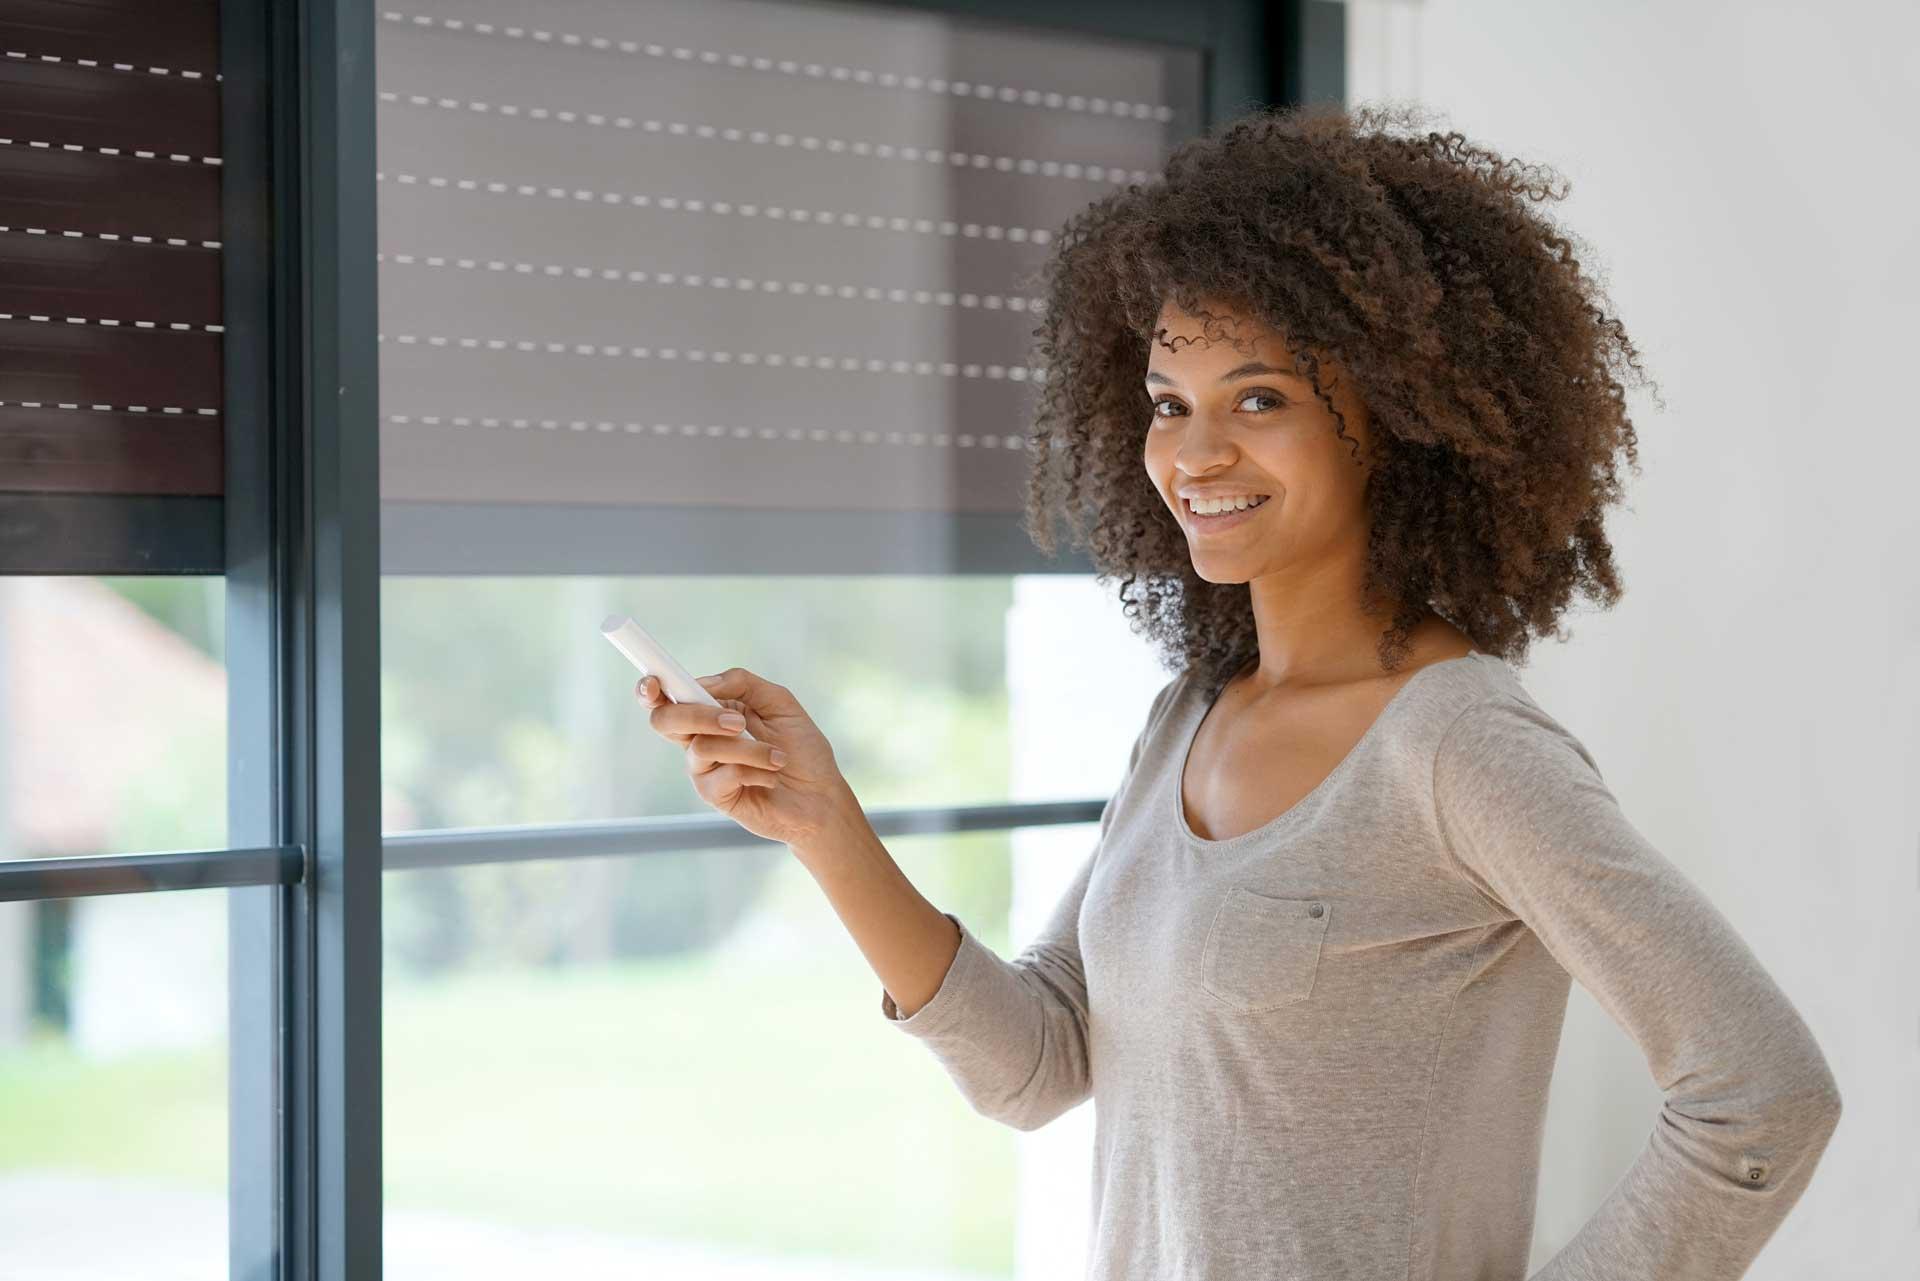 installation de volet électrique pour vos fenêtre par un menuisier expert qualifié RGE